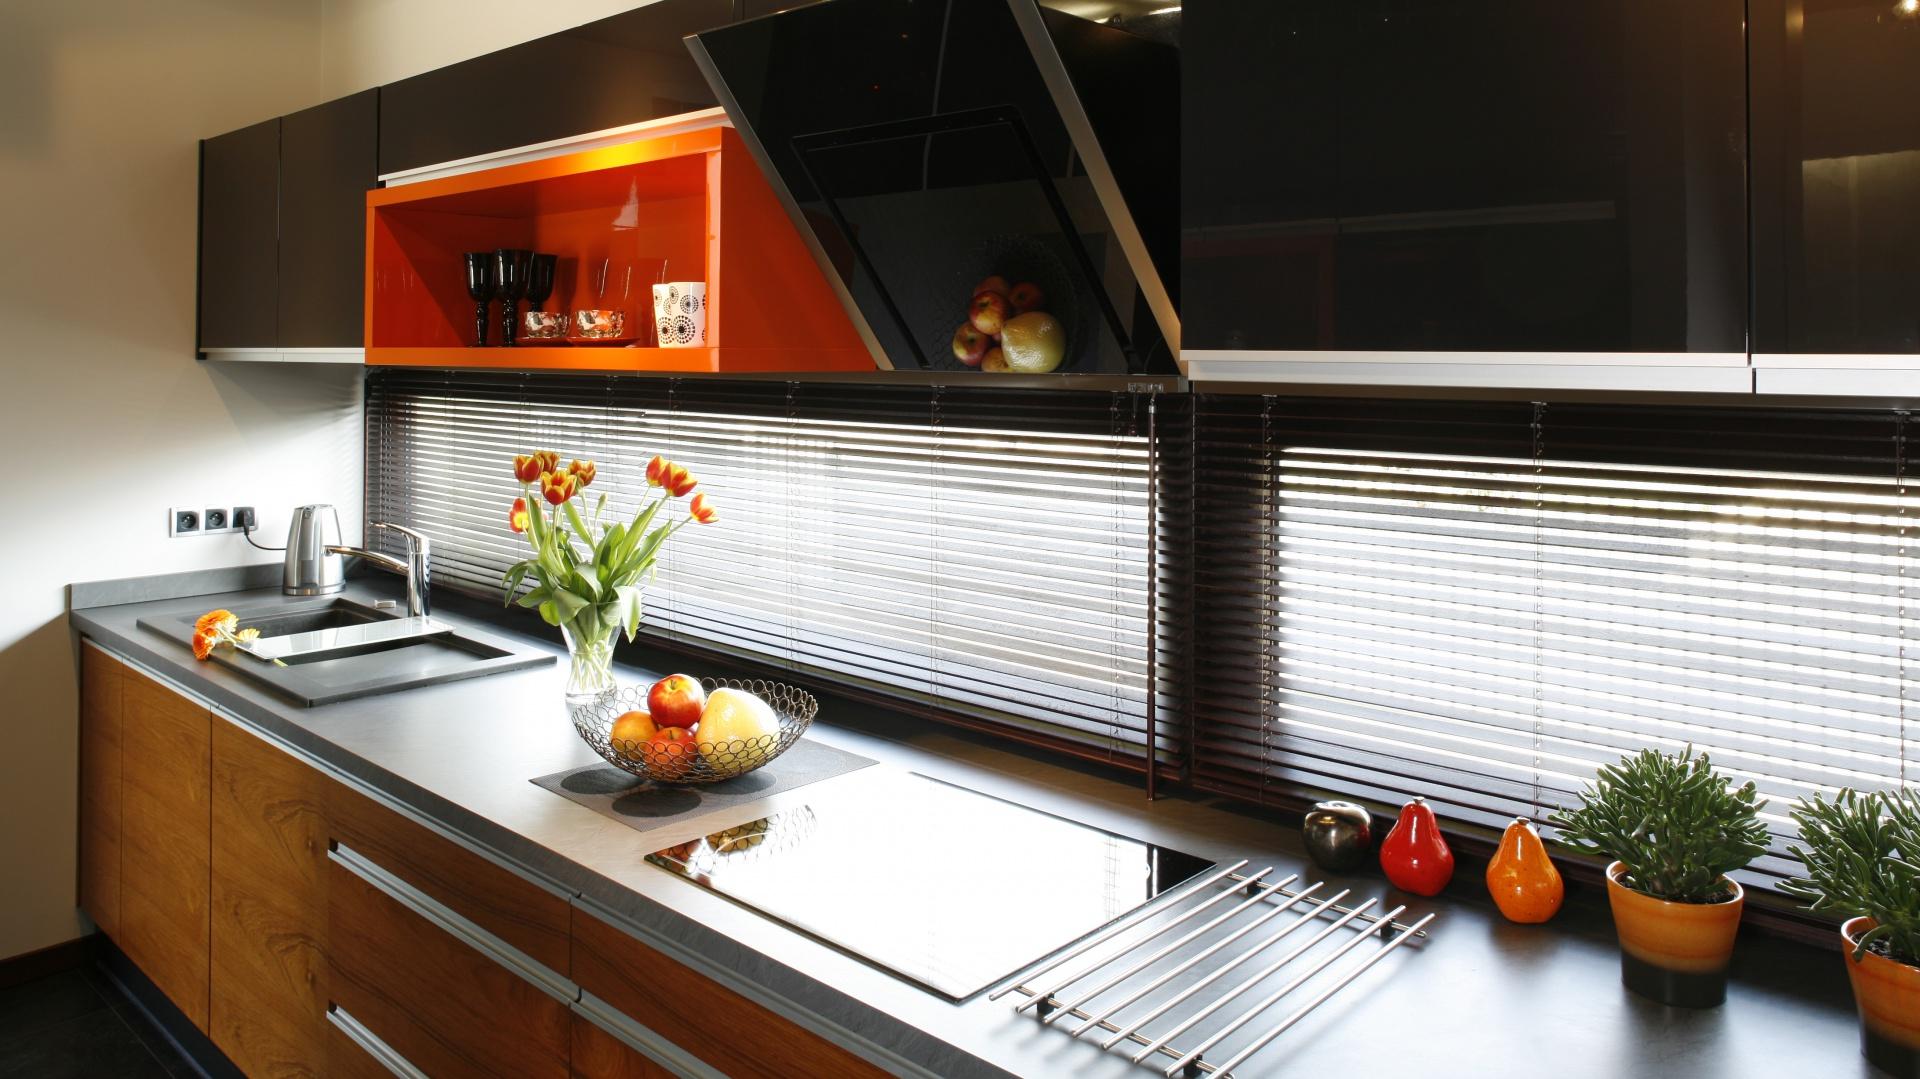 Modna kuchnia: pomysły na strefę zmywania. Projekt: Anna Grunner. Fot. Bartosz Jarosz